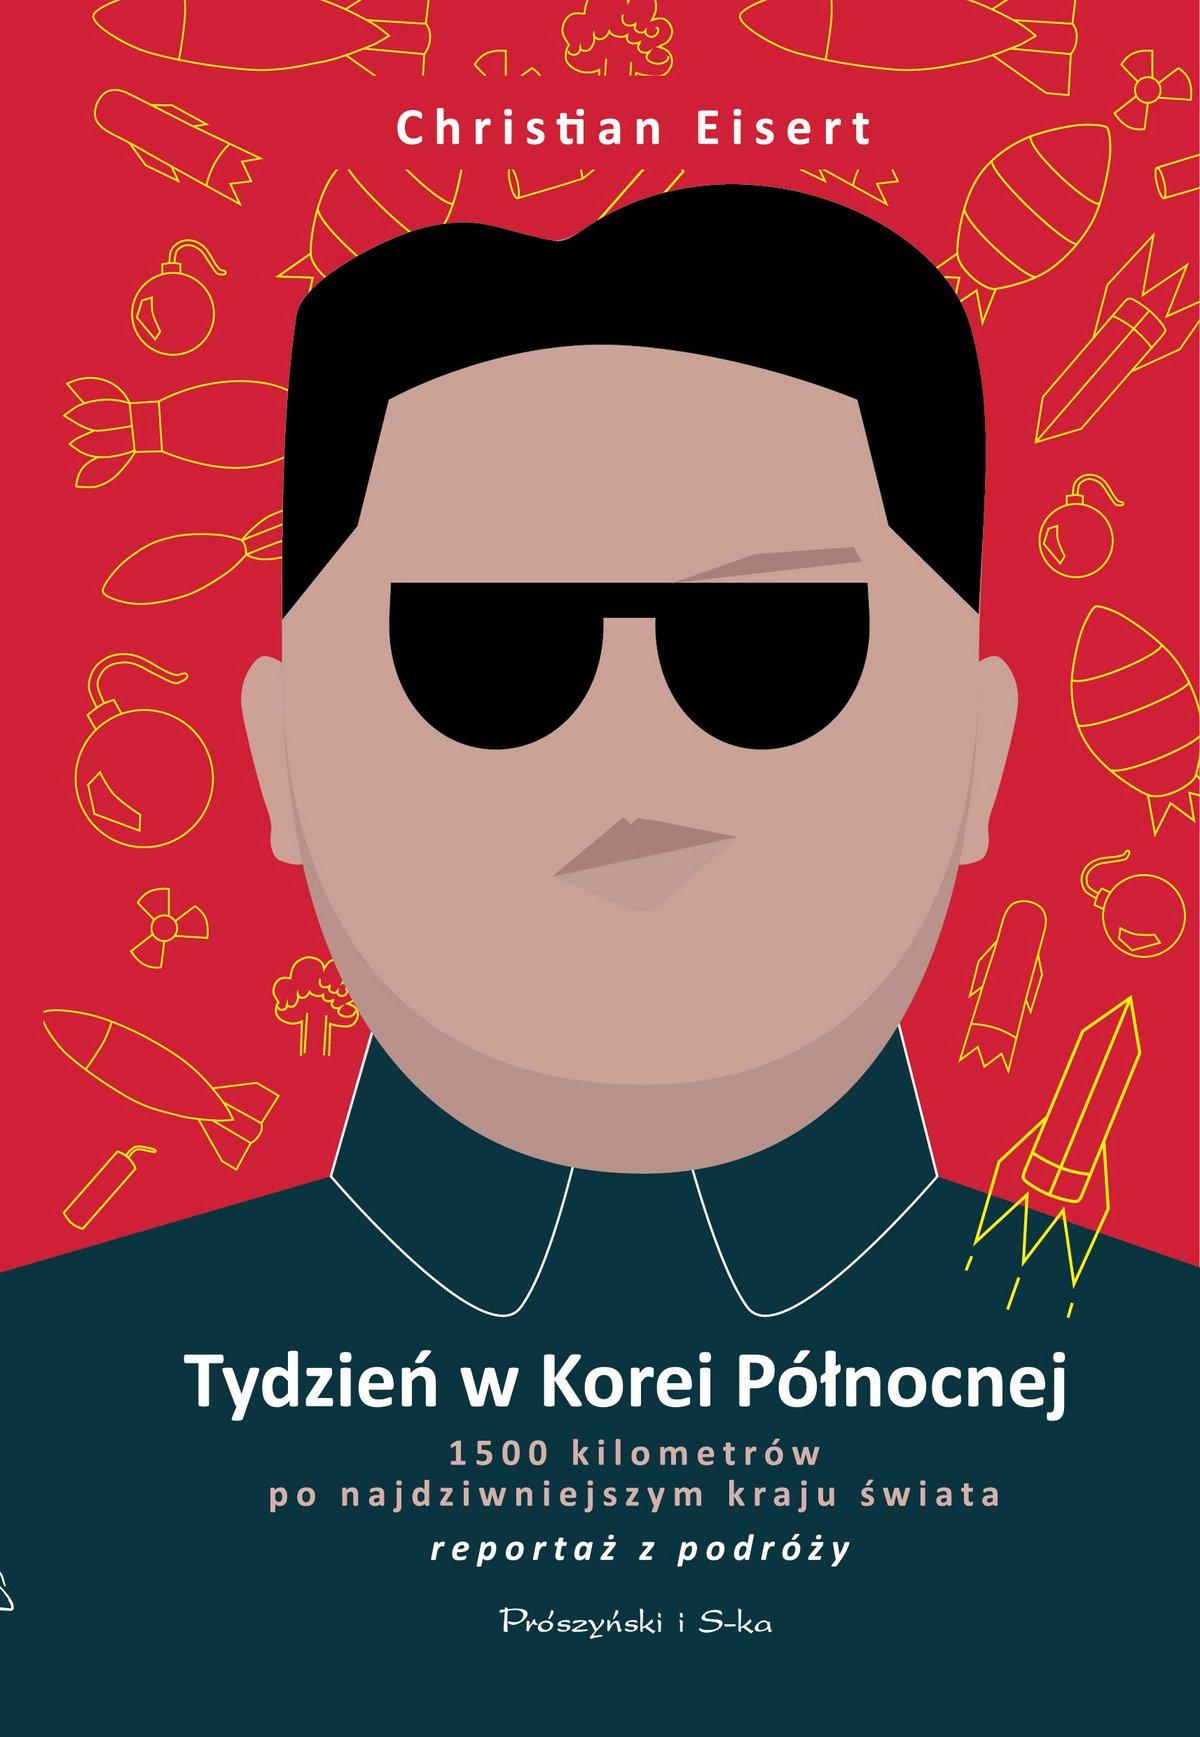 Tydzień w Korei Północnej - Ebook (Książka EPUB) do pobrania w formacie EPUB